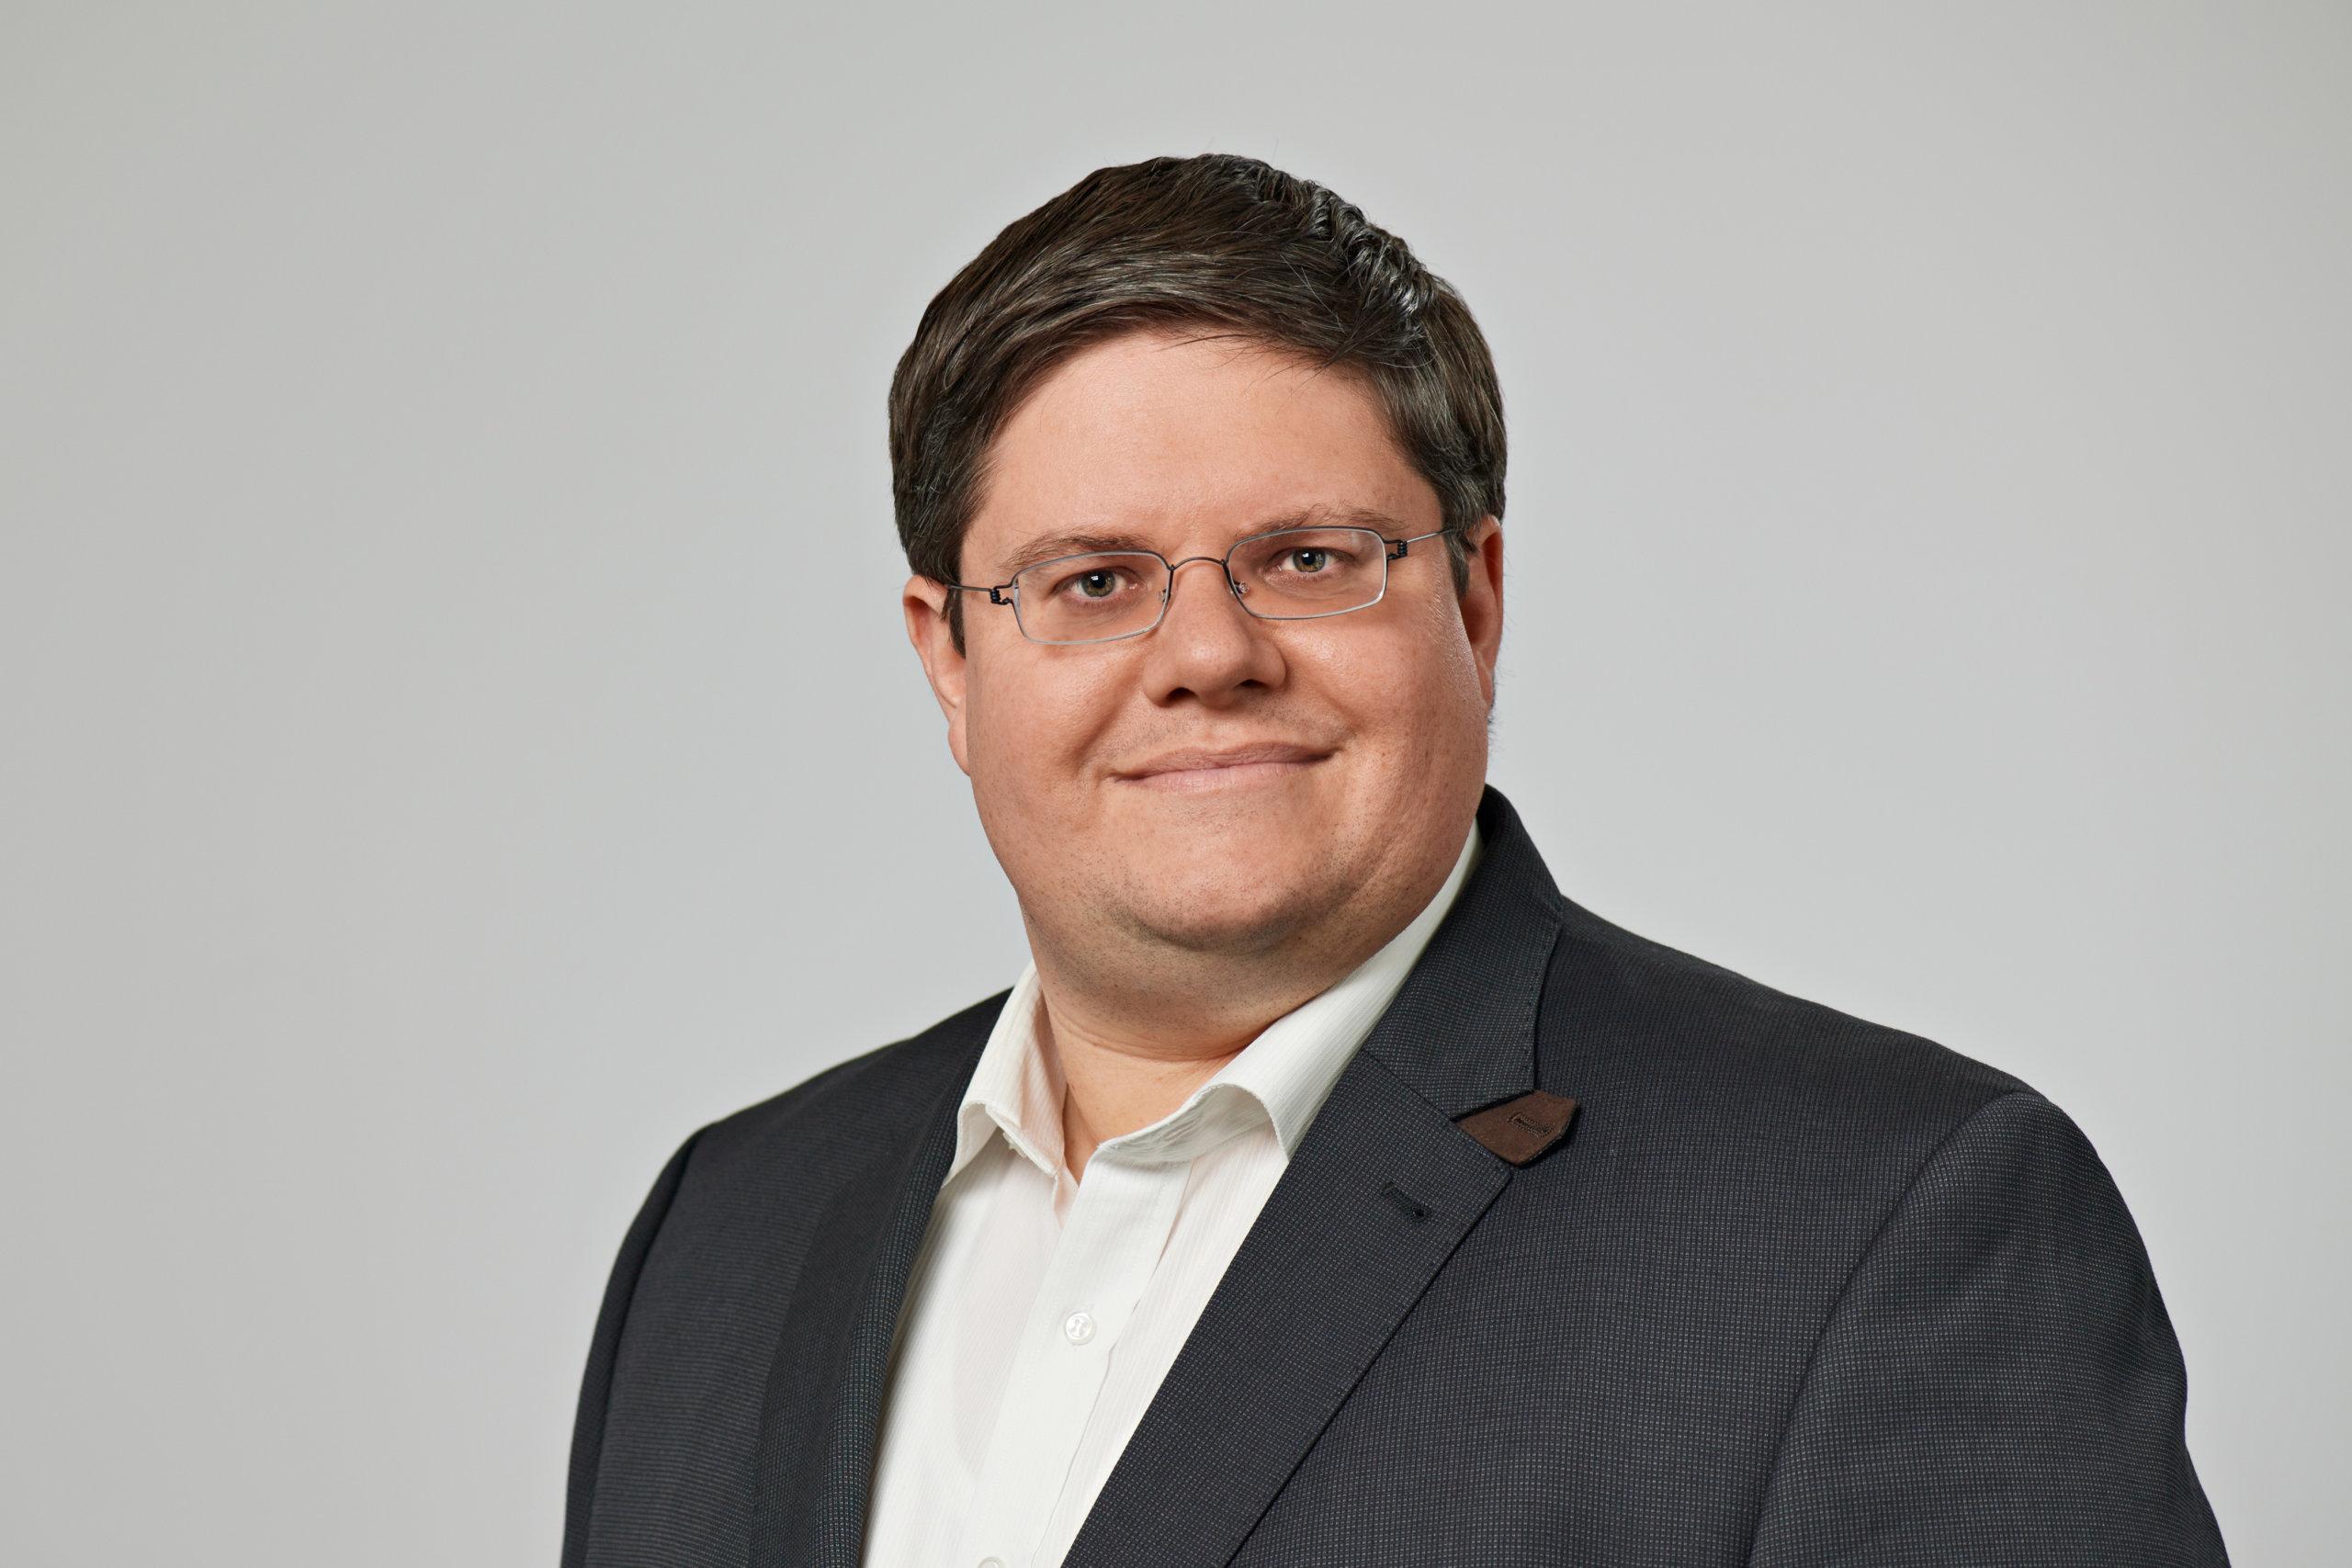 Dr. Alexander Broos, Projektleiter umati sowie Leiter Forschung und Technik im VDW.